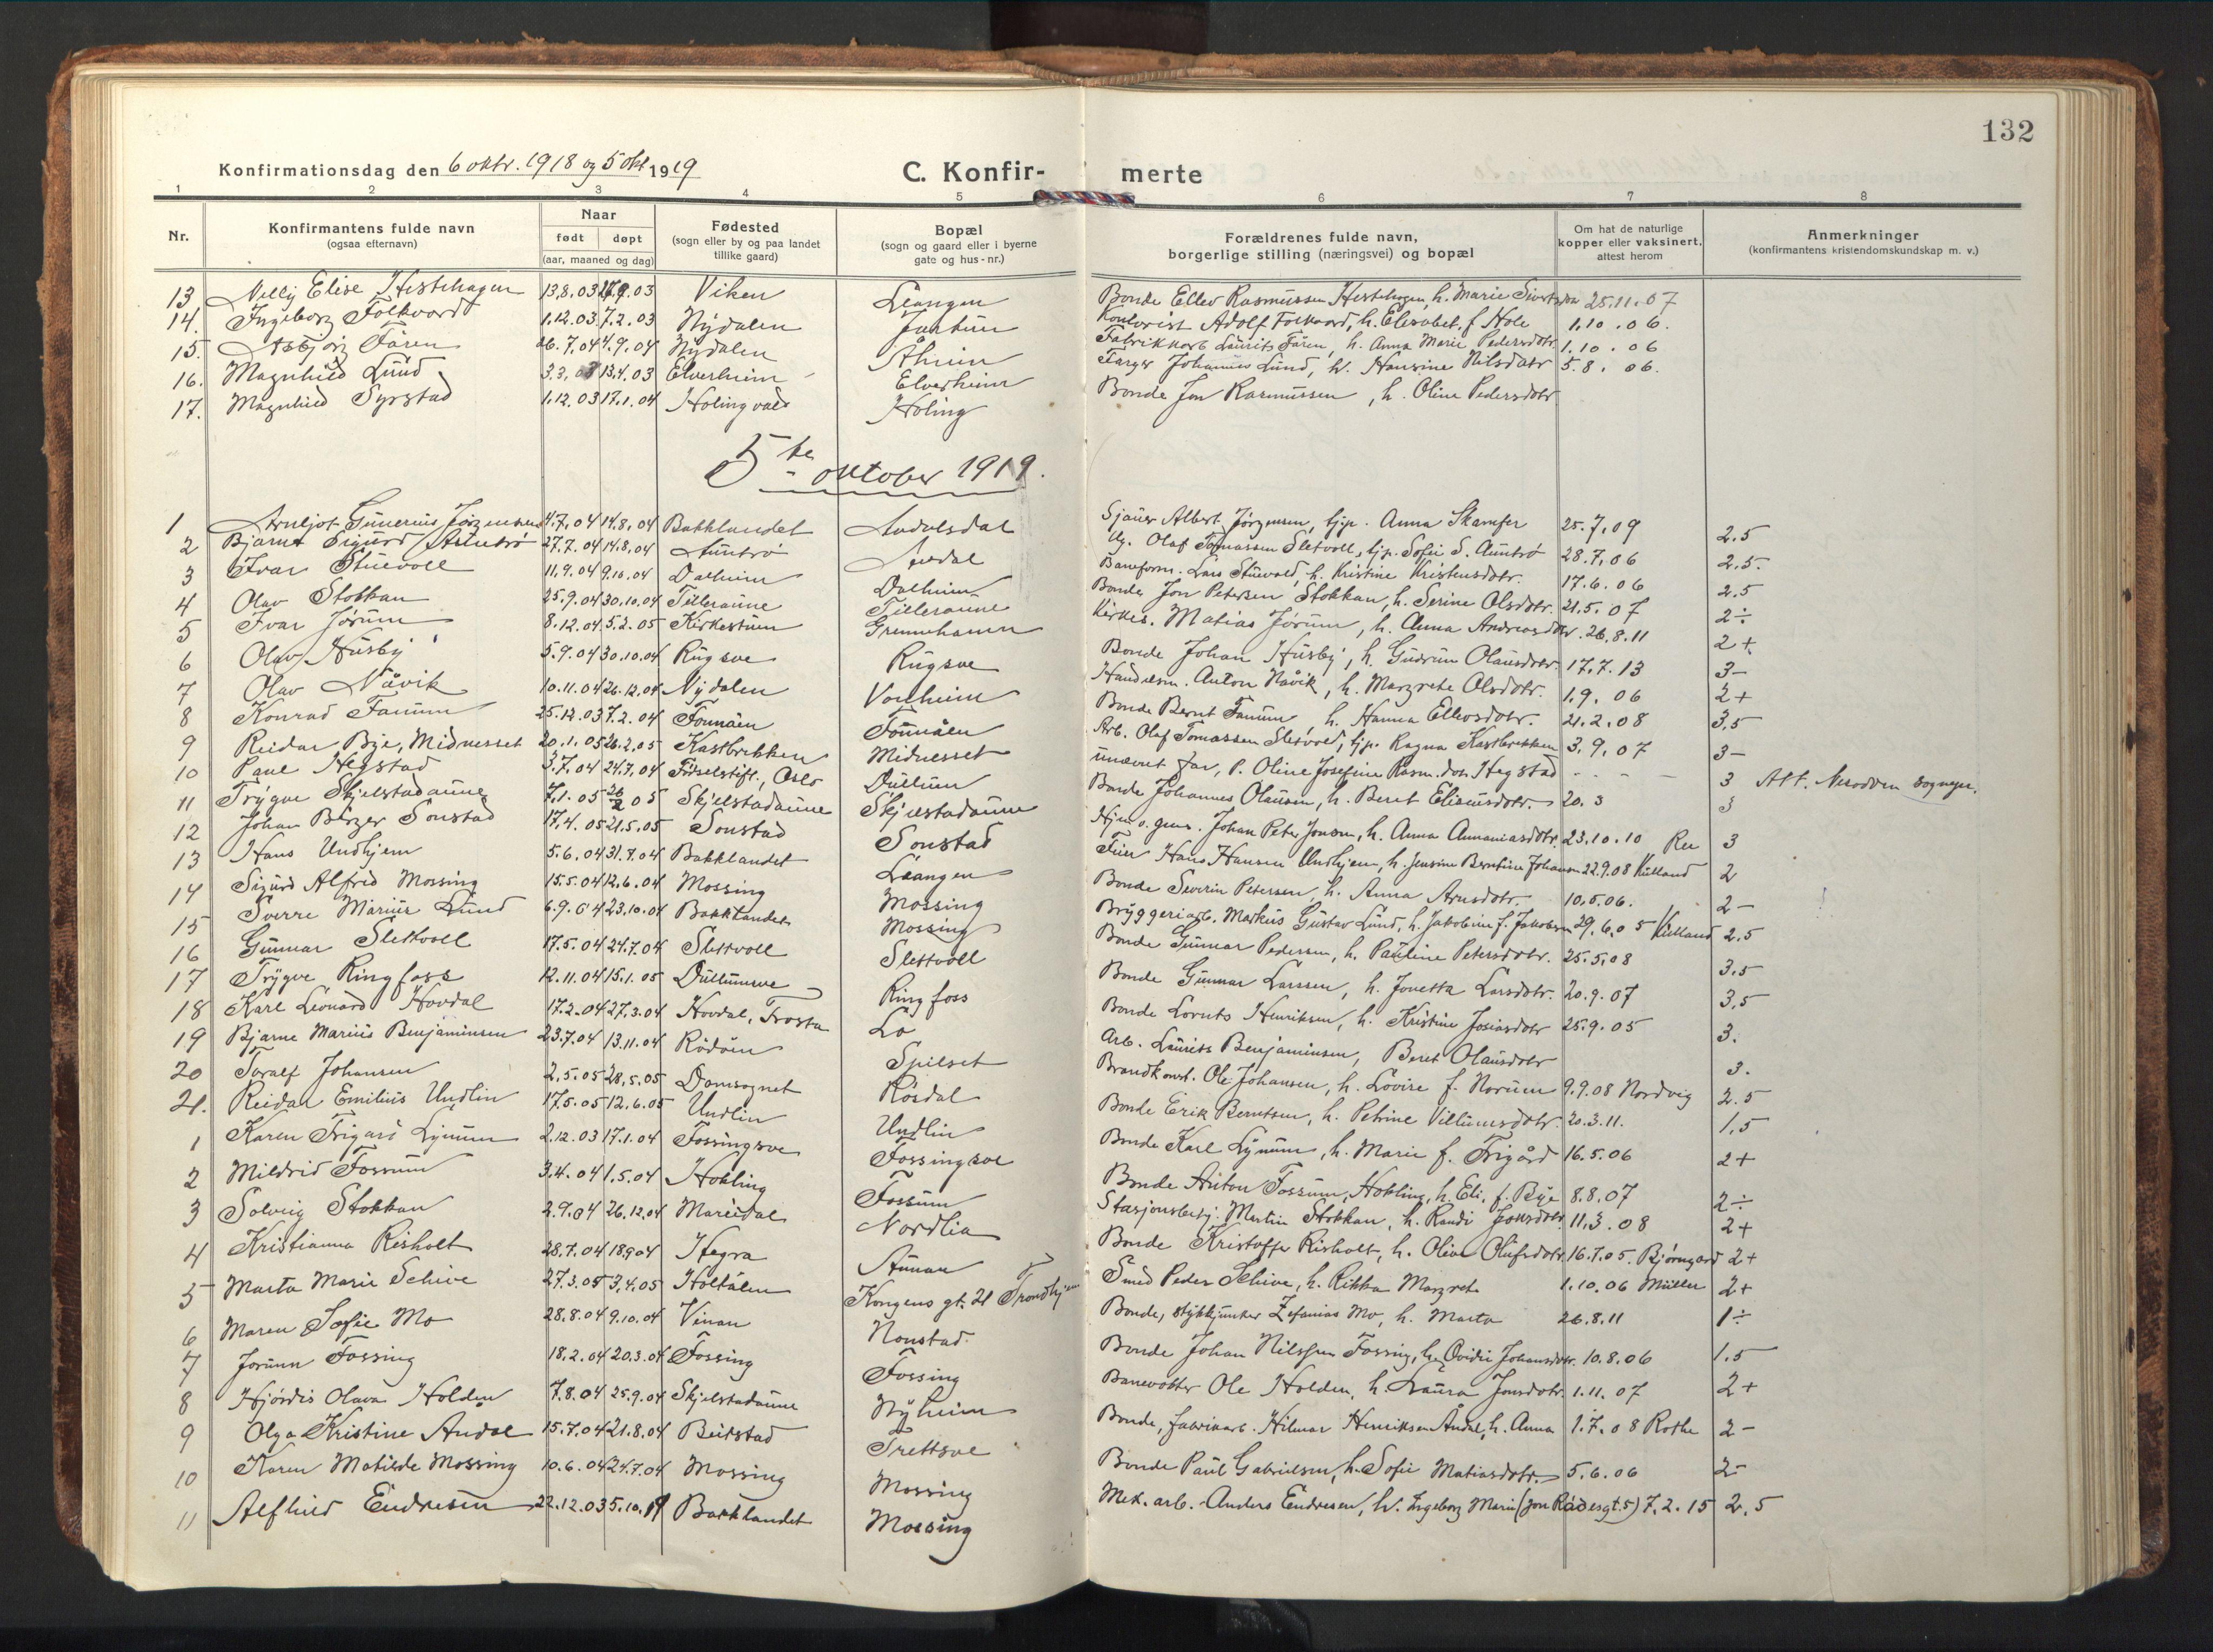 SAT, Ministerialprotokoller, klokkerbøker og fødselsregistre - Nord-Trøndelag, 714/L0136: Klokkerbok nr. 714C05, 1918-1957, s. 132